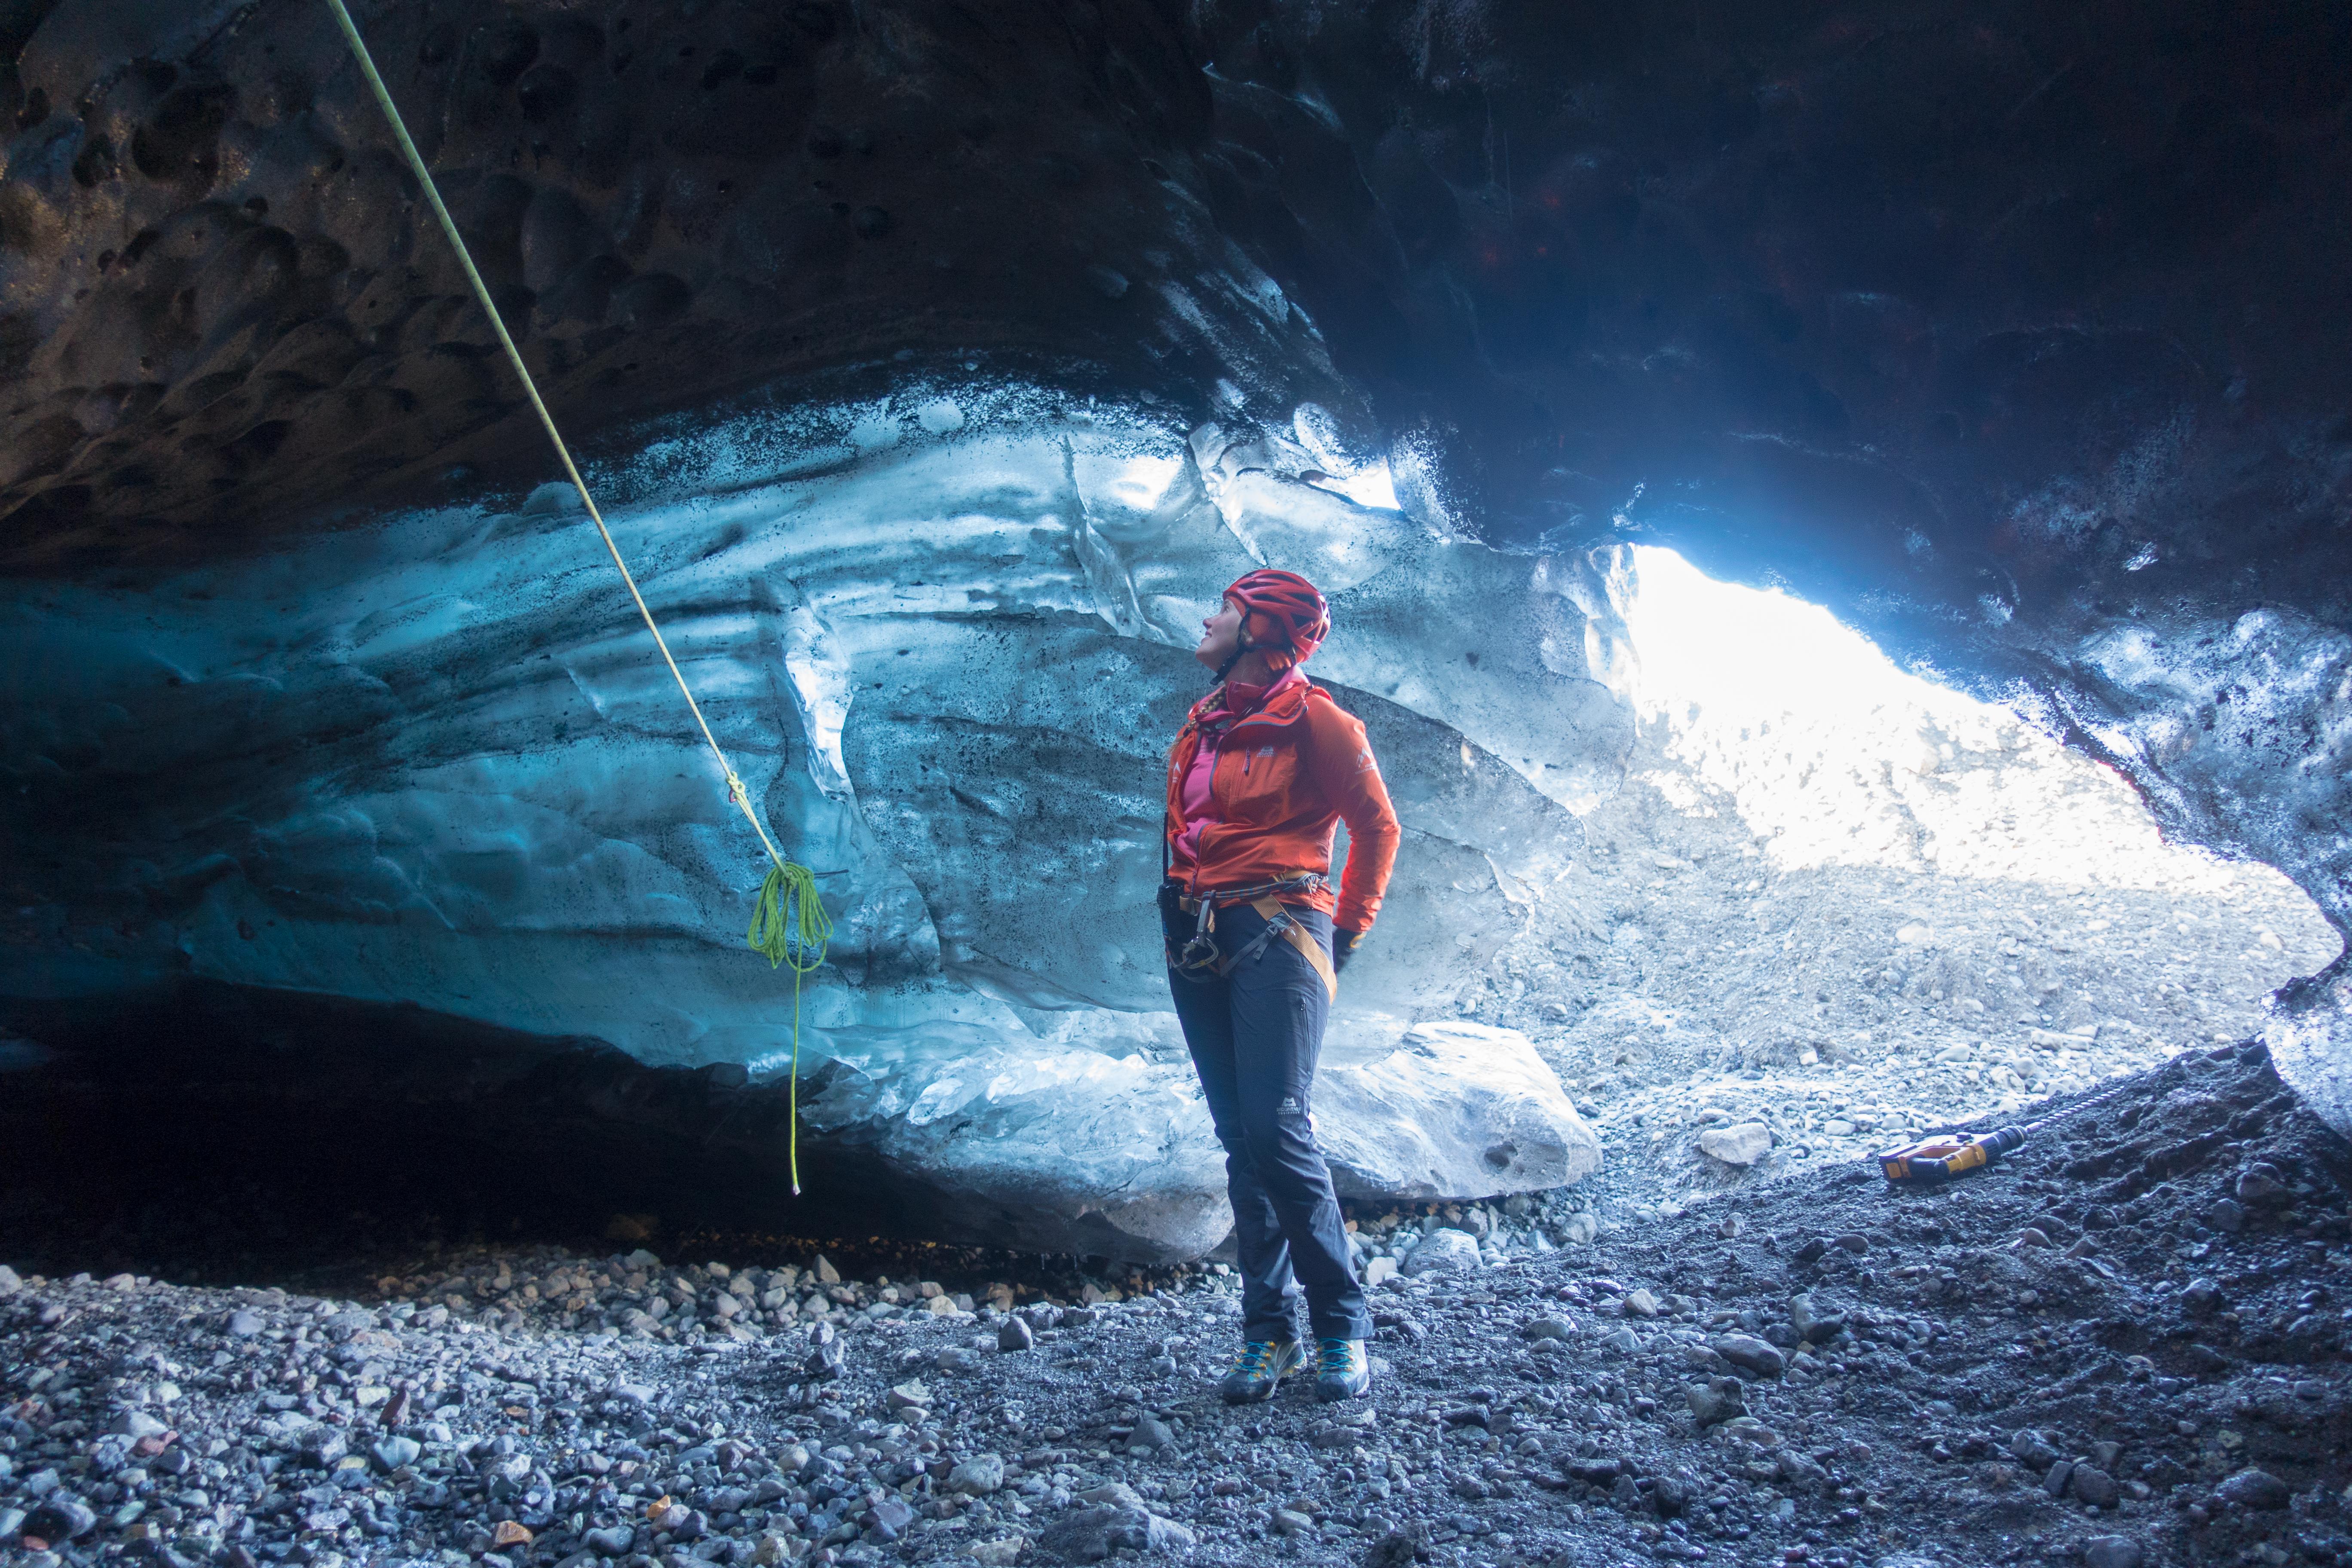 얼음동굴 투어로 스카프타펠 자연보호구역에 방문하여 푸르른 빙하가 만들어낸 얼음 벽과 천장을 살펴보세요.